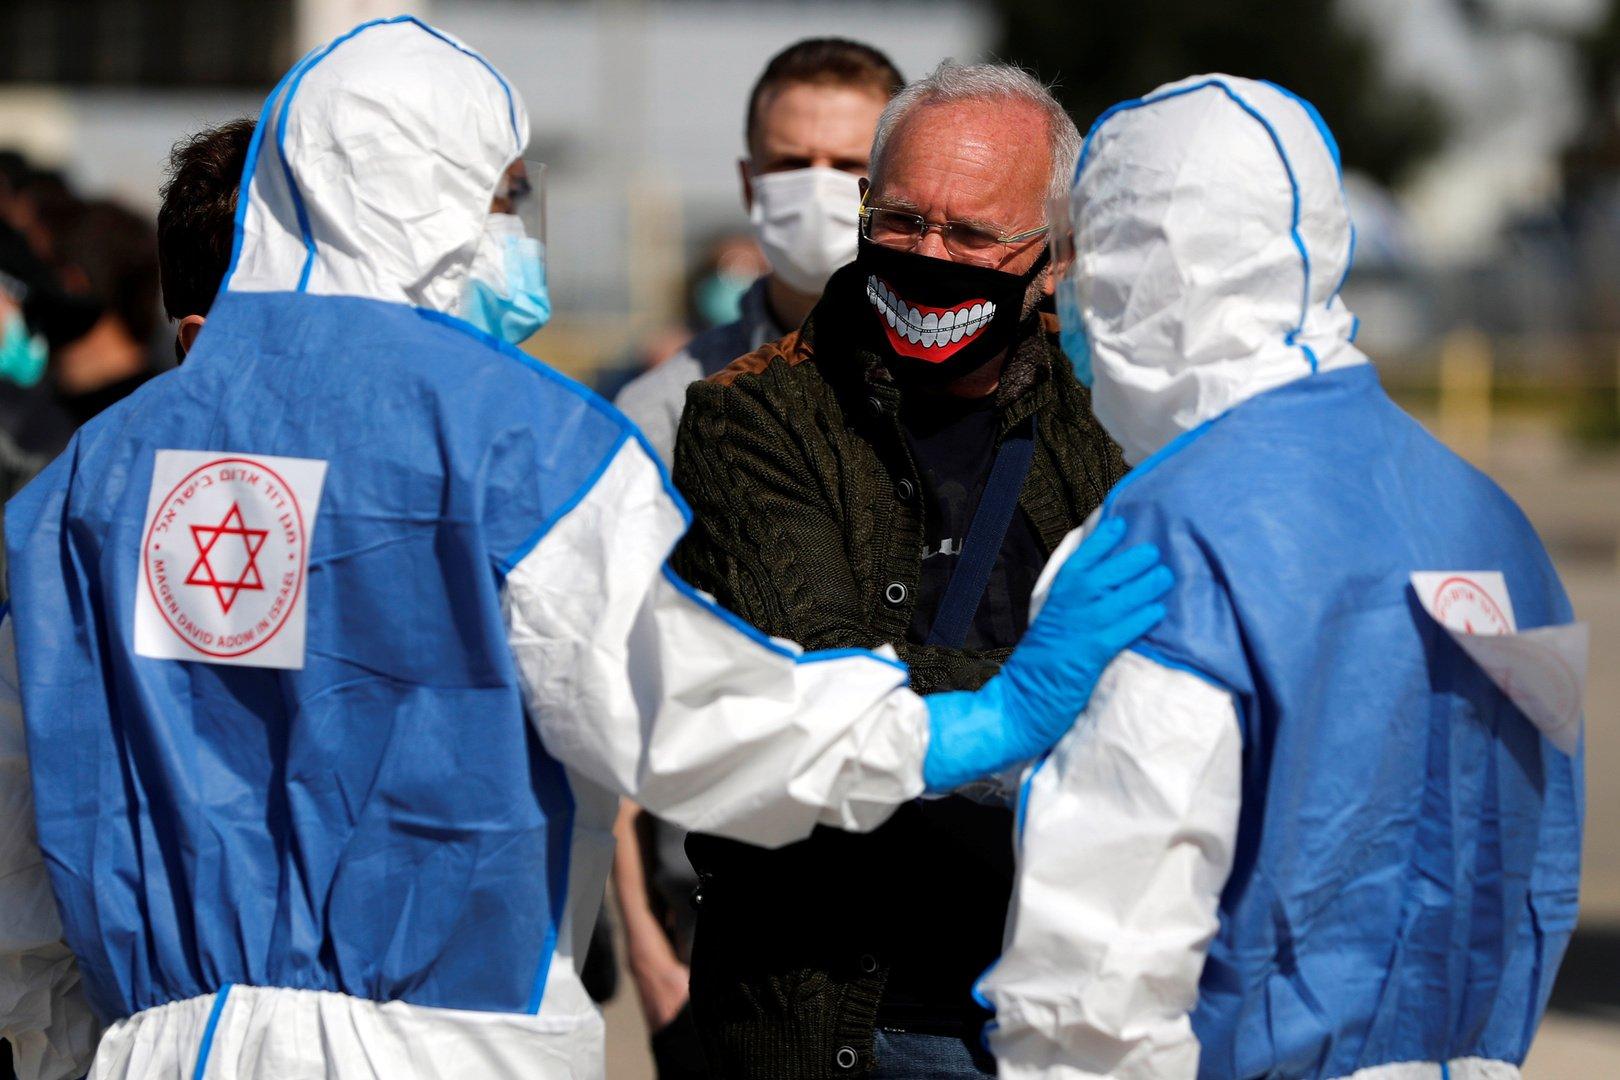 8261 إصابة جديدة بالفيروس كورونا في إسرائيل